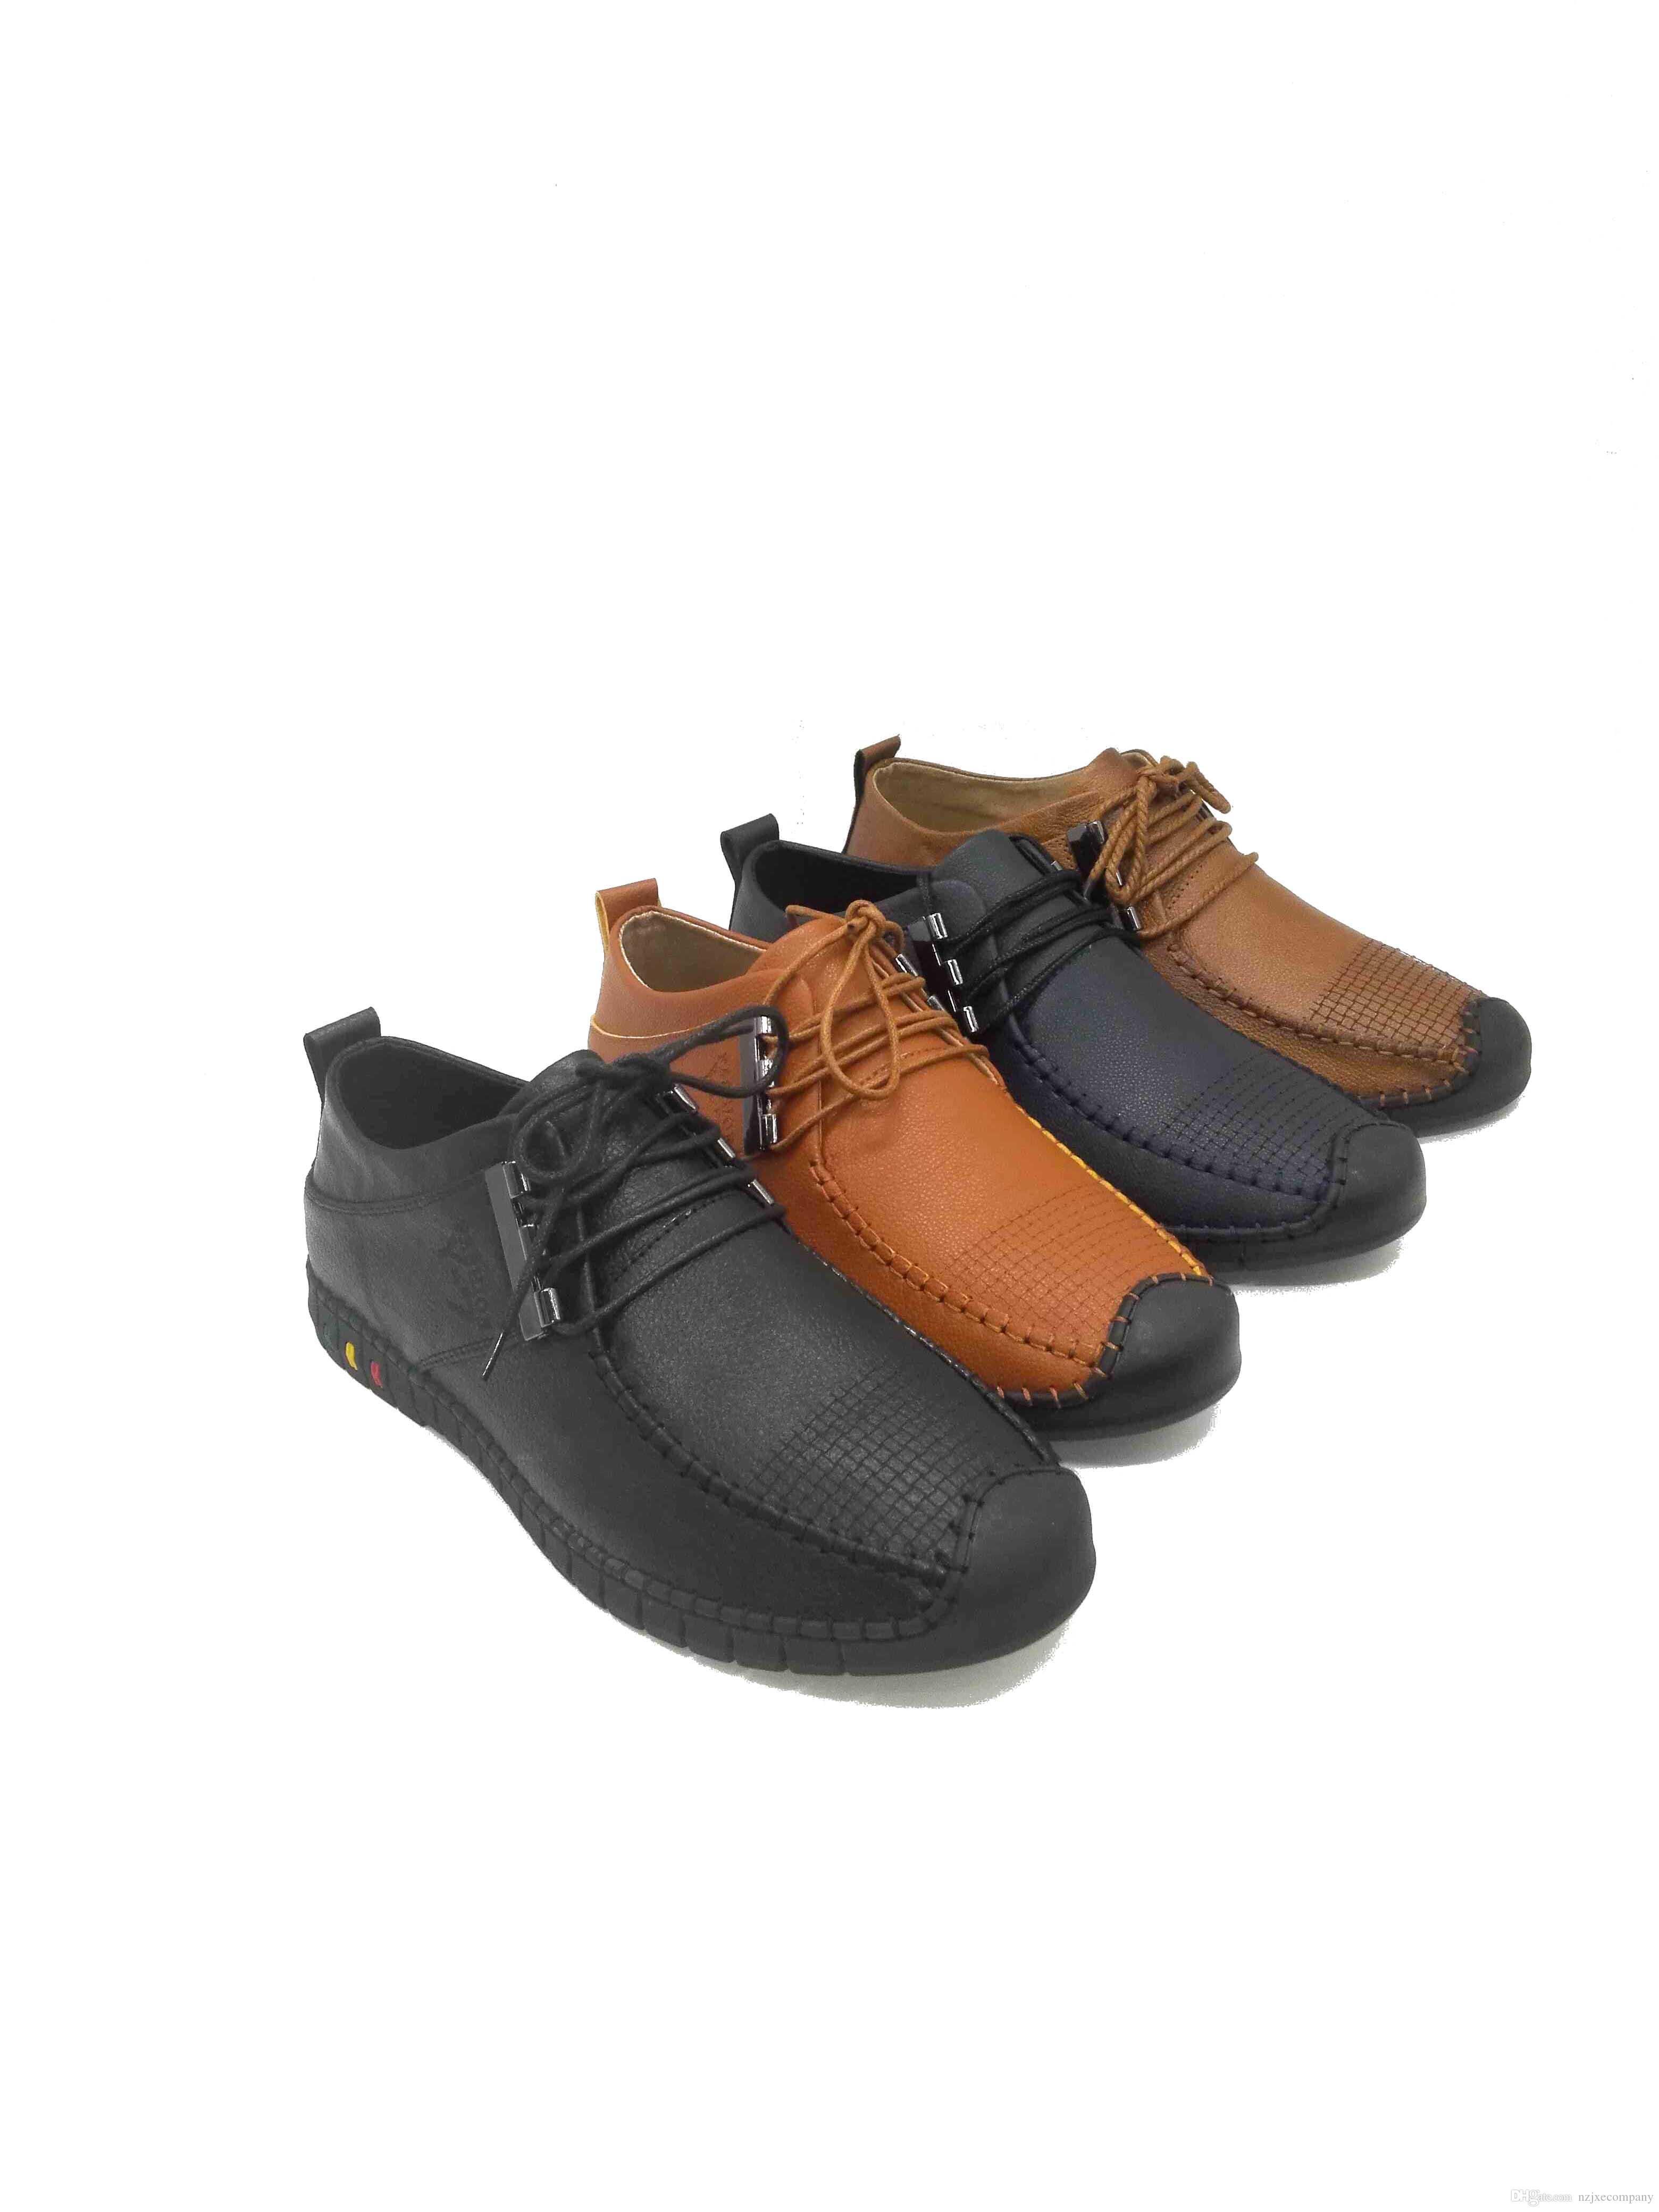 Großhandel Lace Up Casual Schuhe Männer Matt Wildleder Schuhe High ...